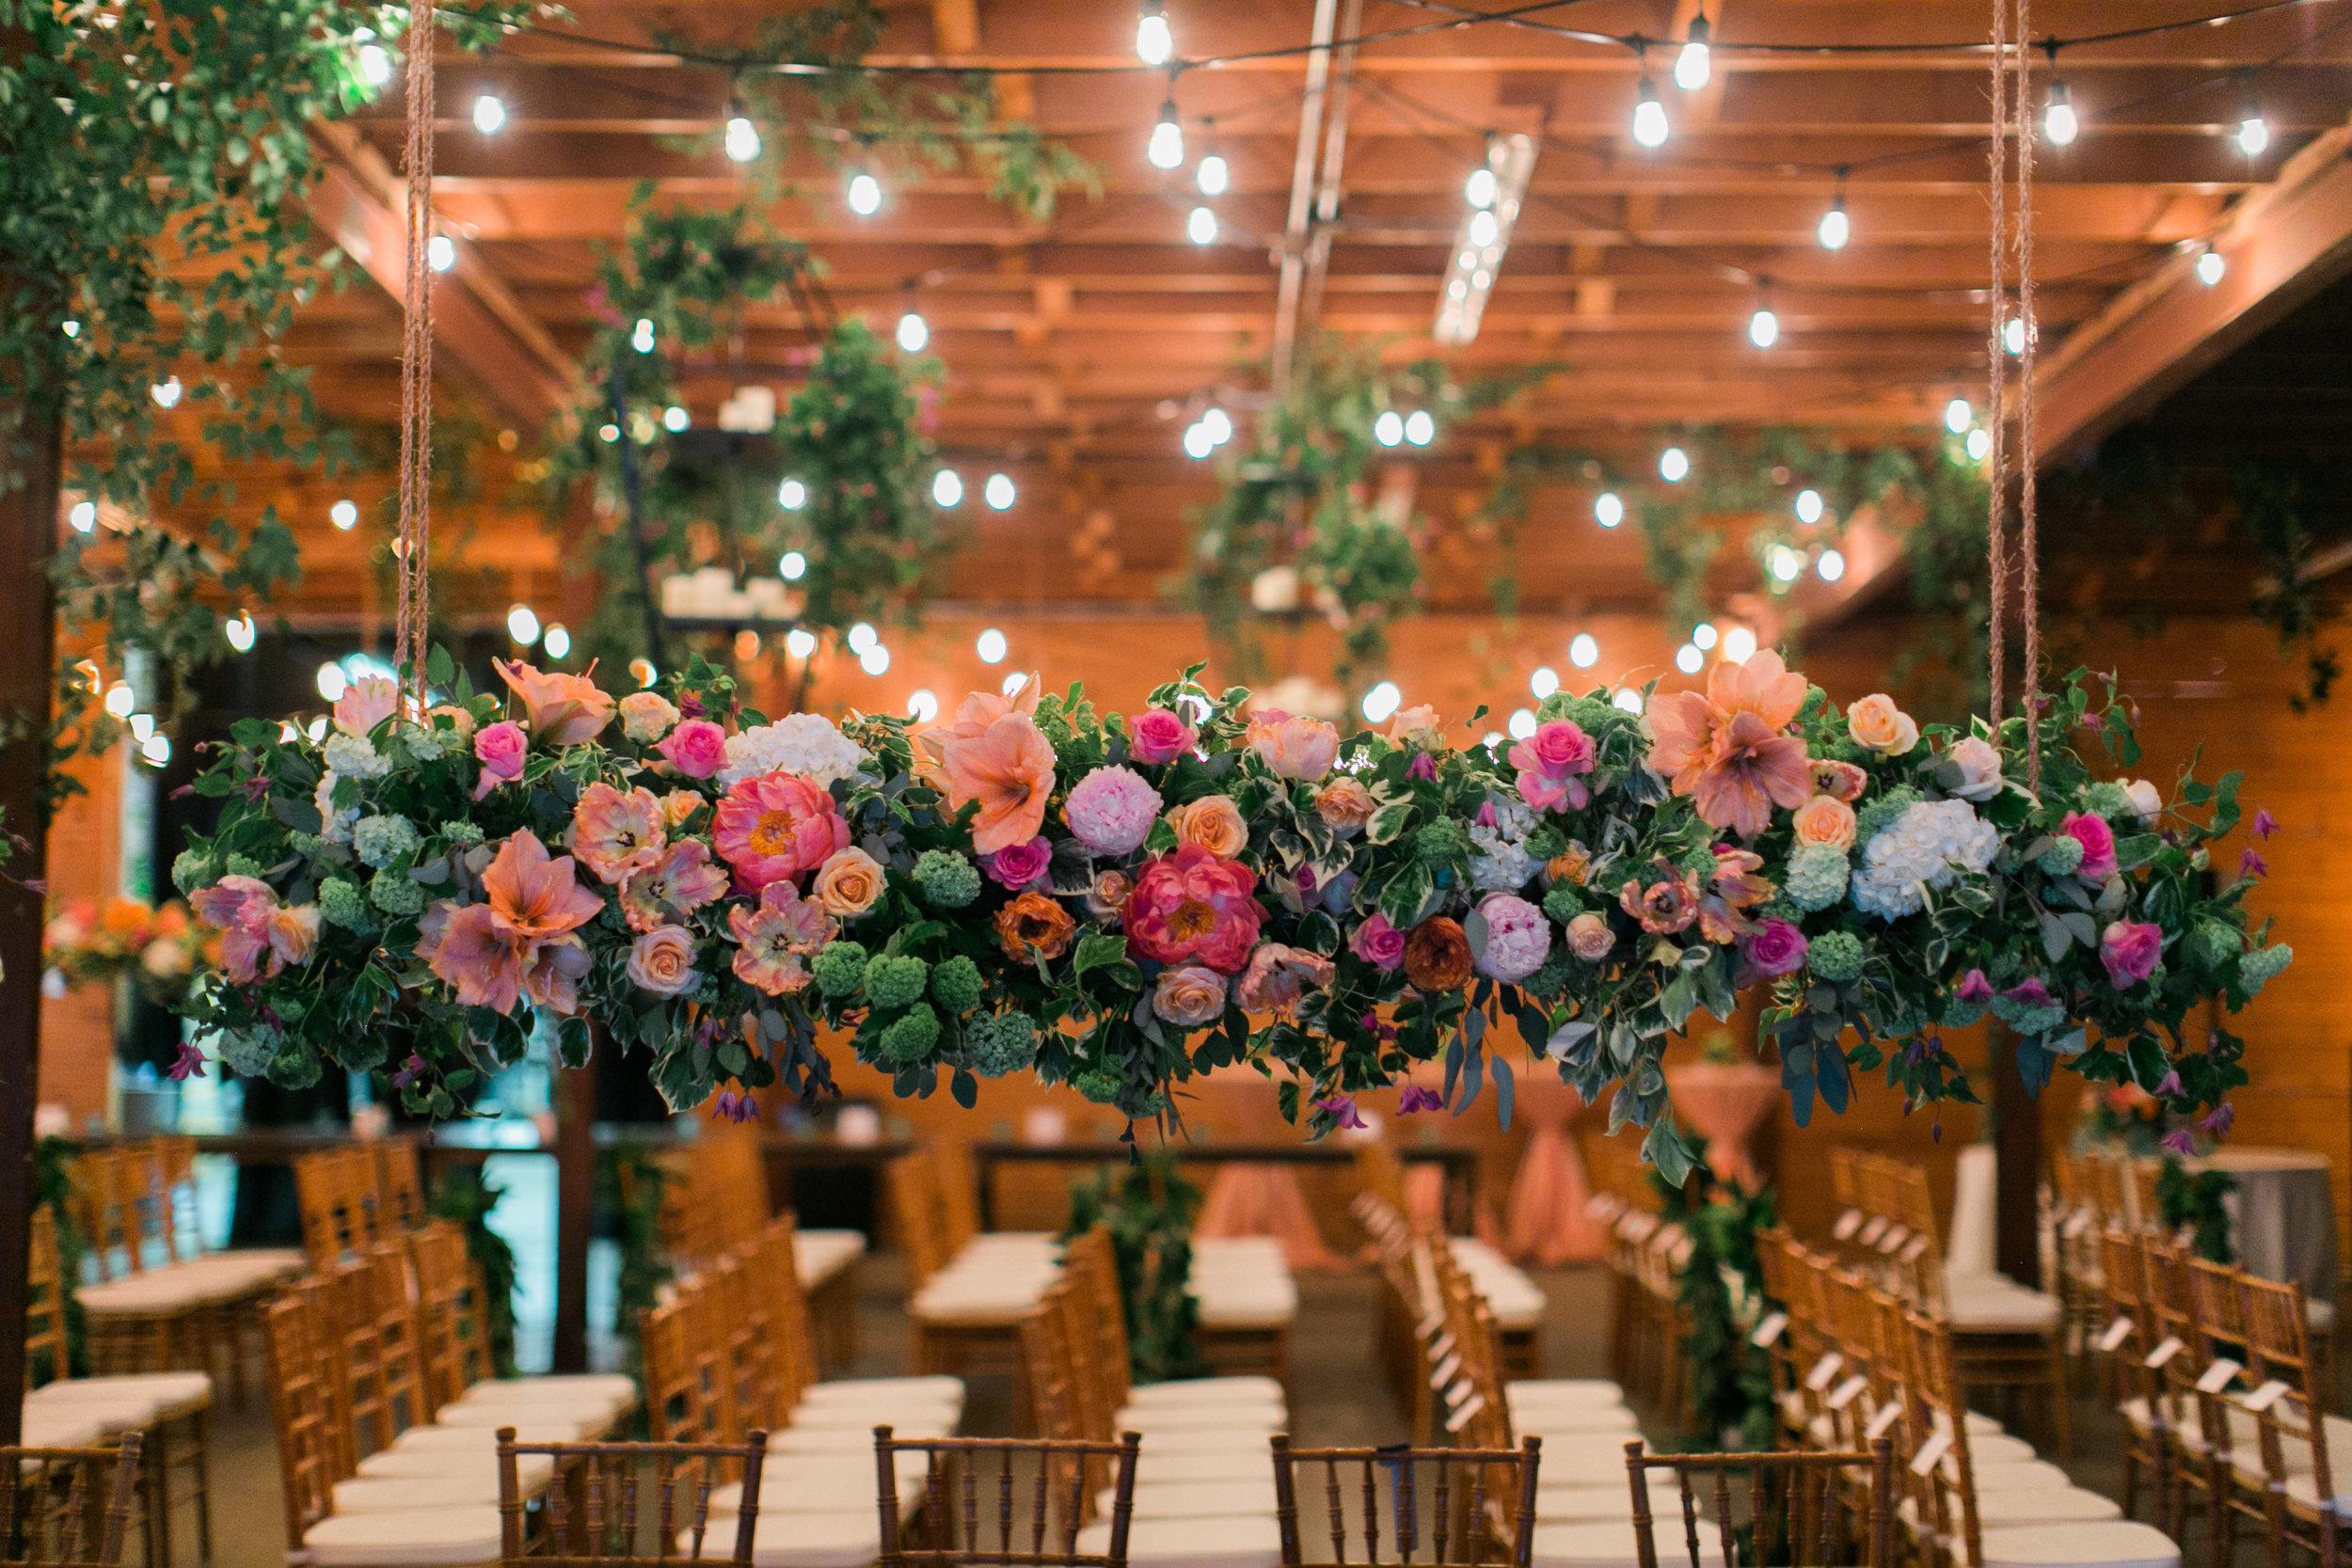 suspended floral arrangements by Parie Designs